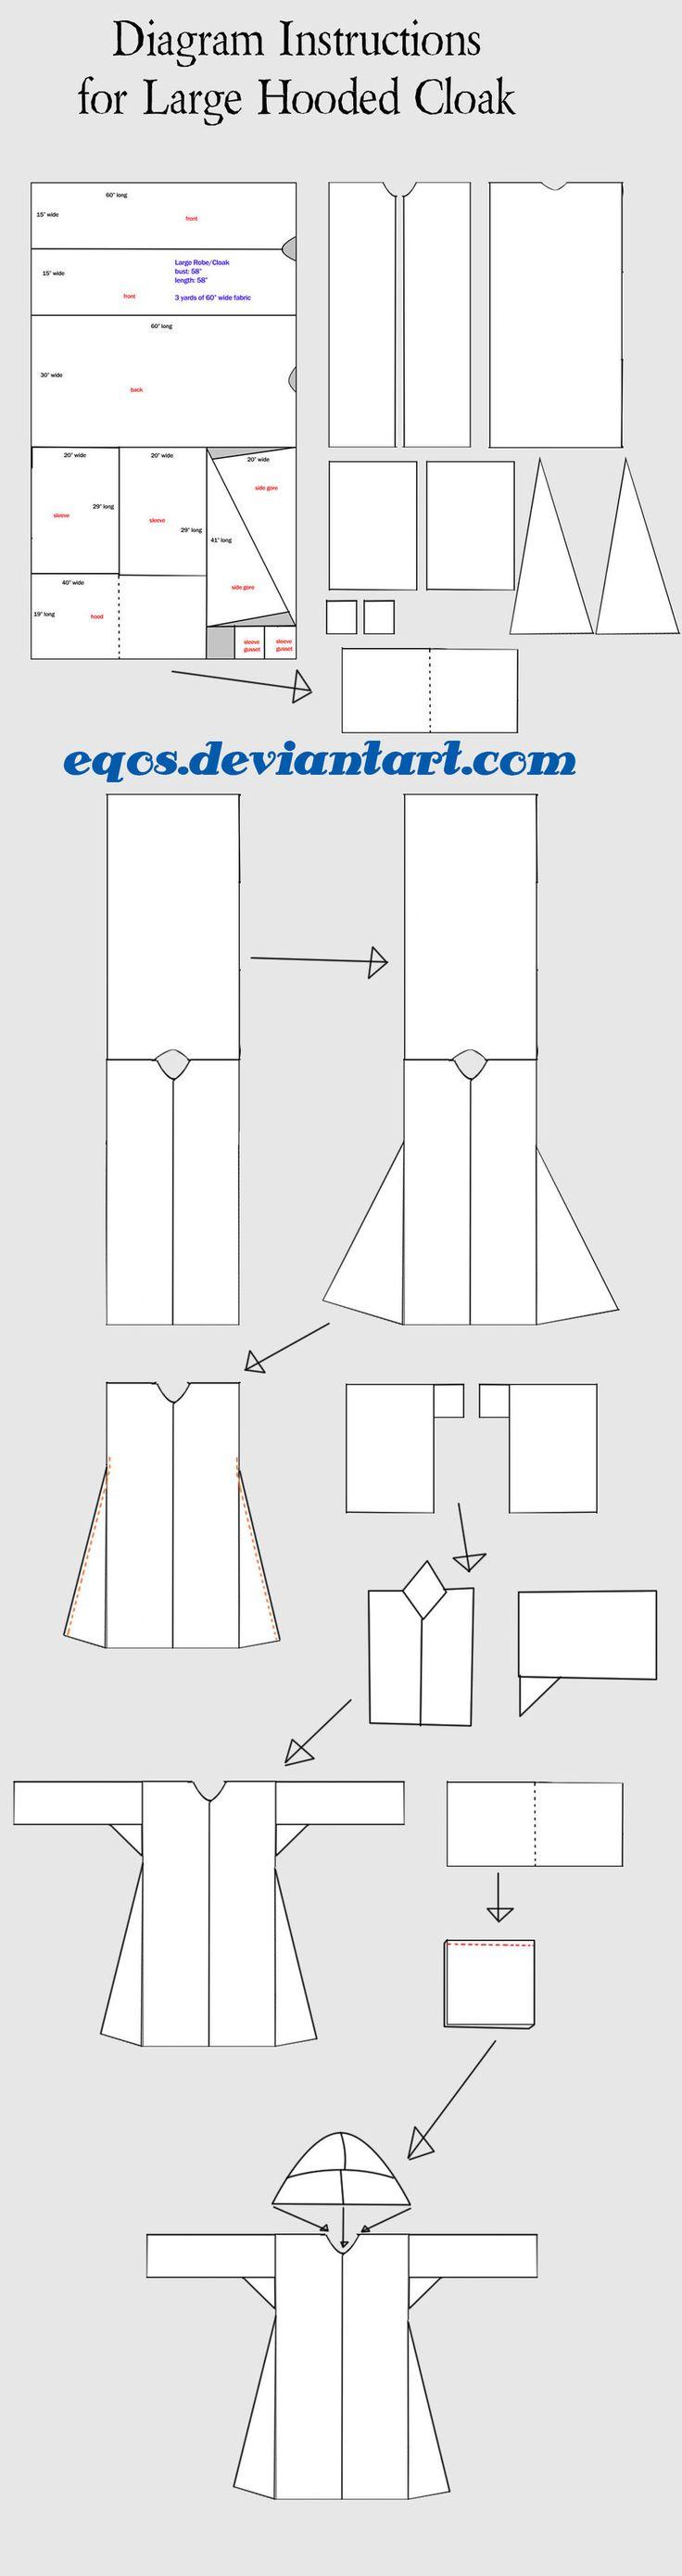 Diagram for Large Hooded Cloak by eqos.deviantart.com on @deviantART